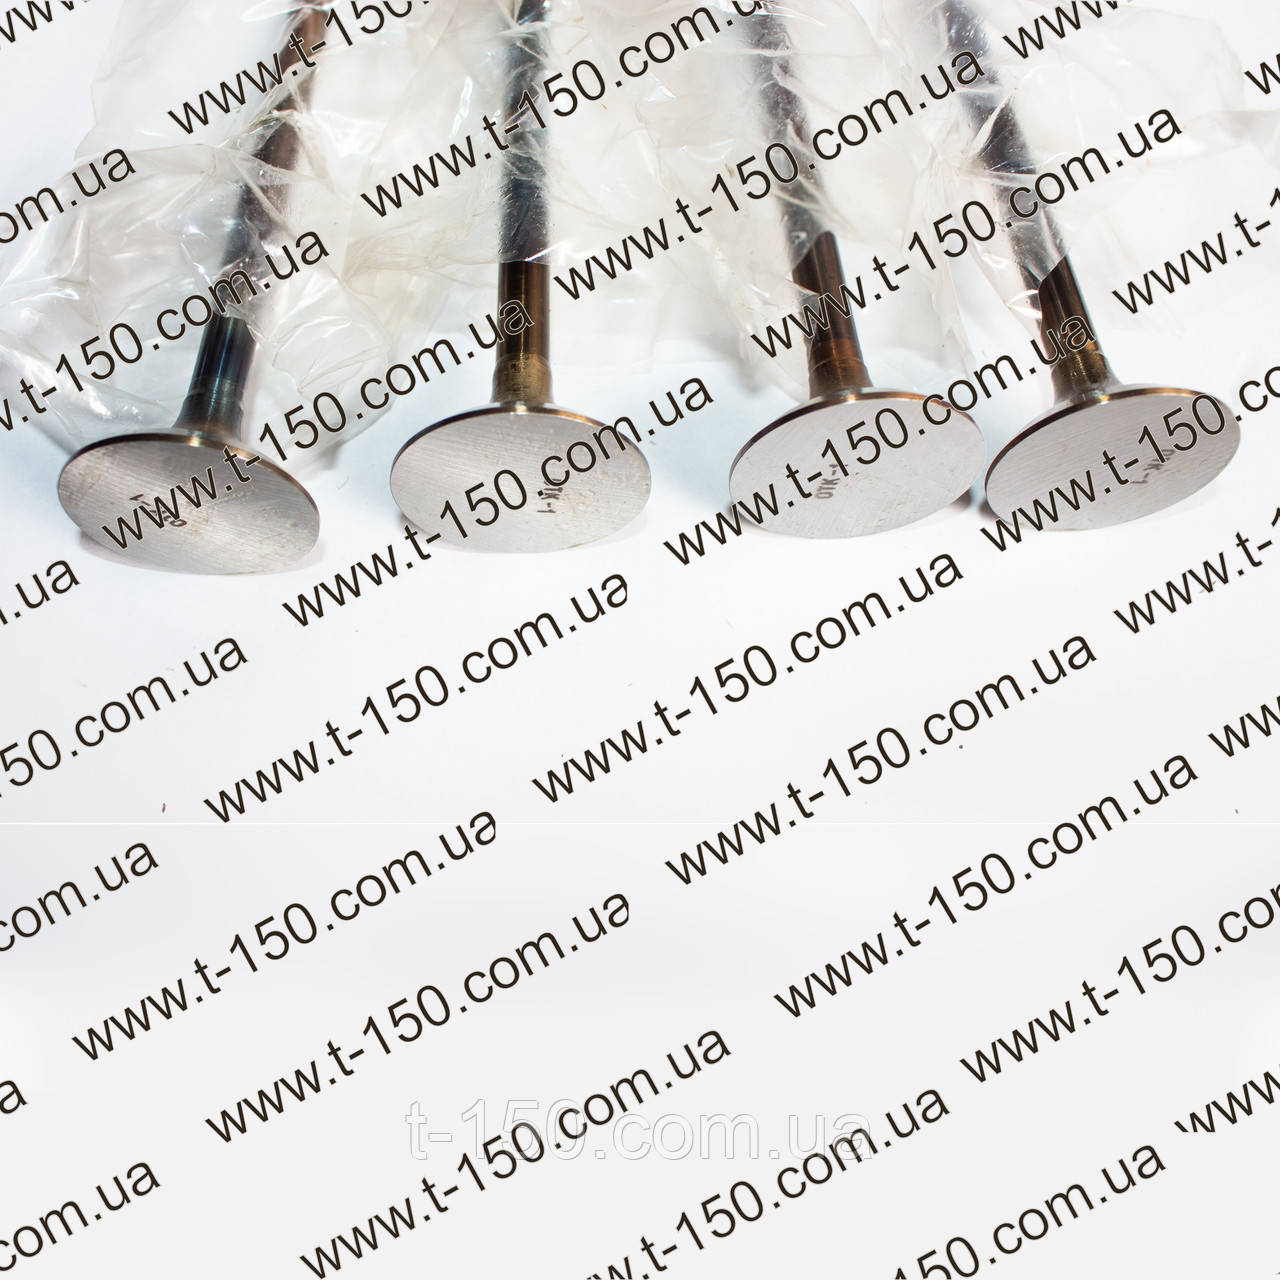 Комплект впускных клапанов ММЗ Д-240, 240-1007014-Б4 Луганск